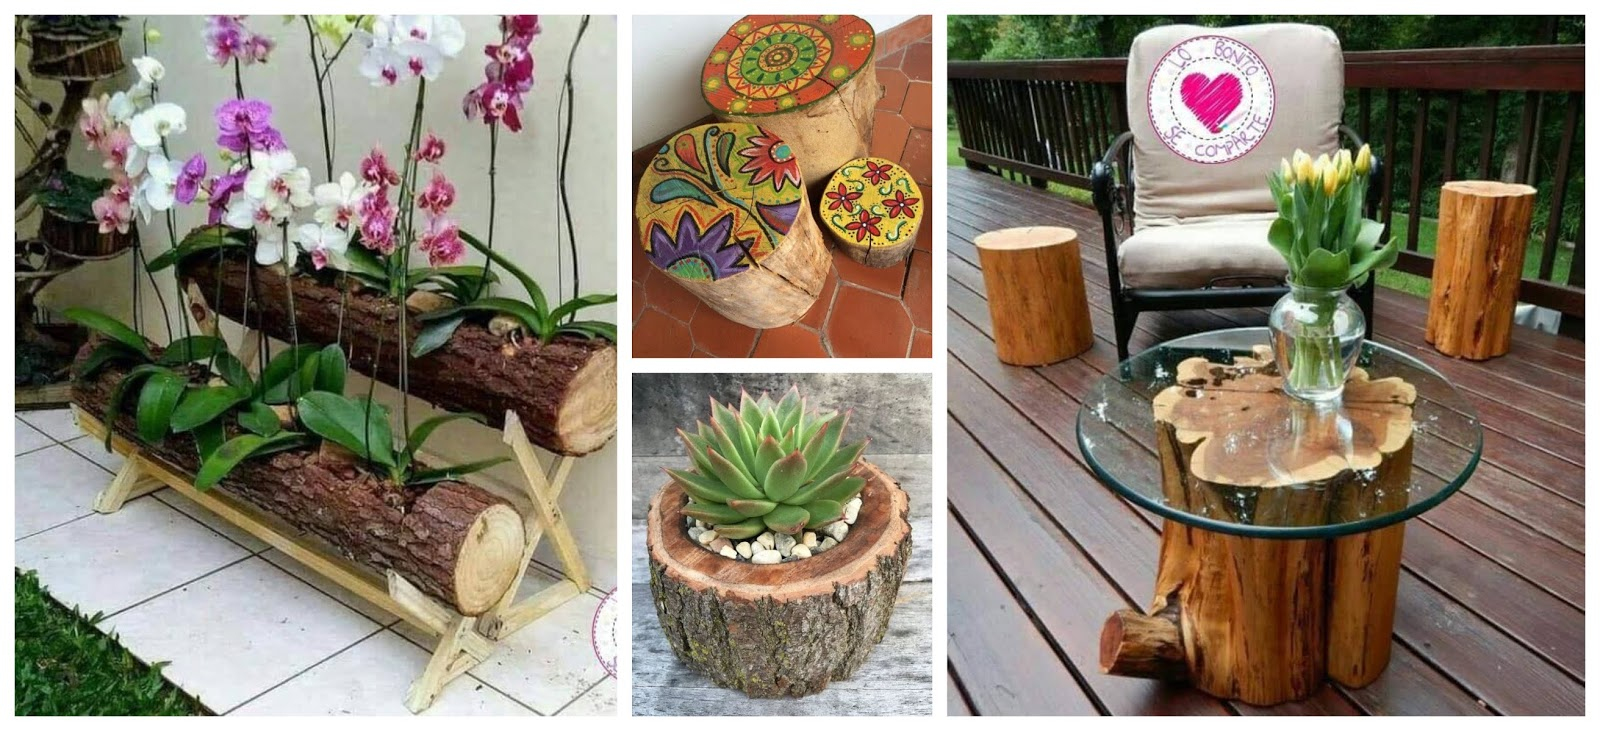 Ideas Decorativas Para Baby Shower.20 Ideas Decorativas Para Tu Casa Usando Troncos De Madera